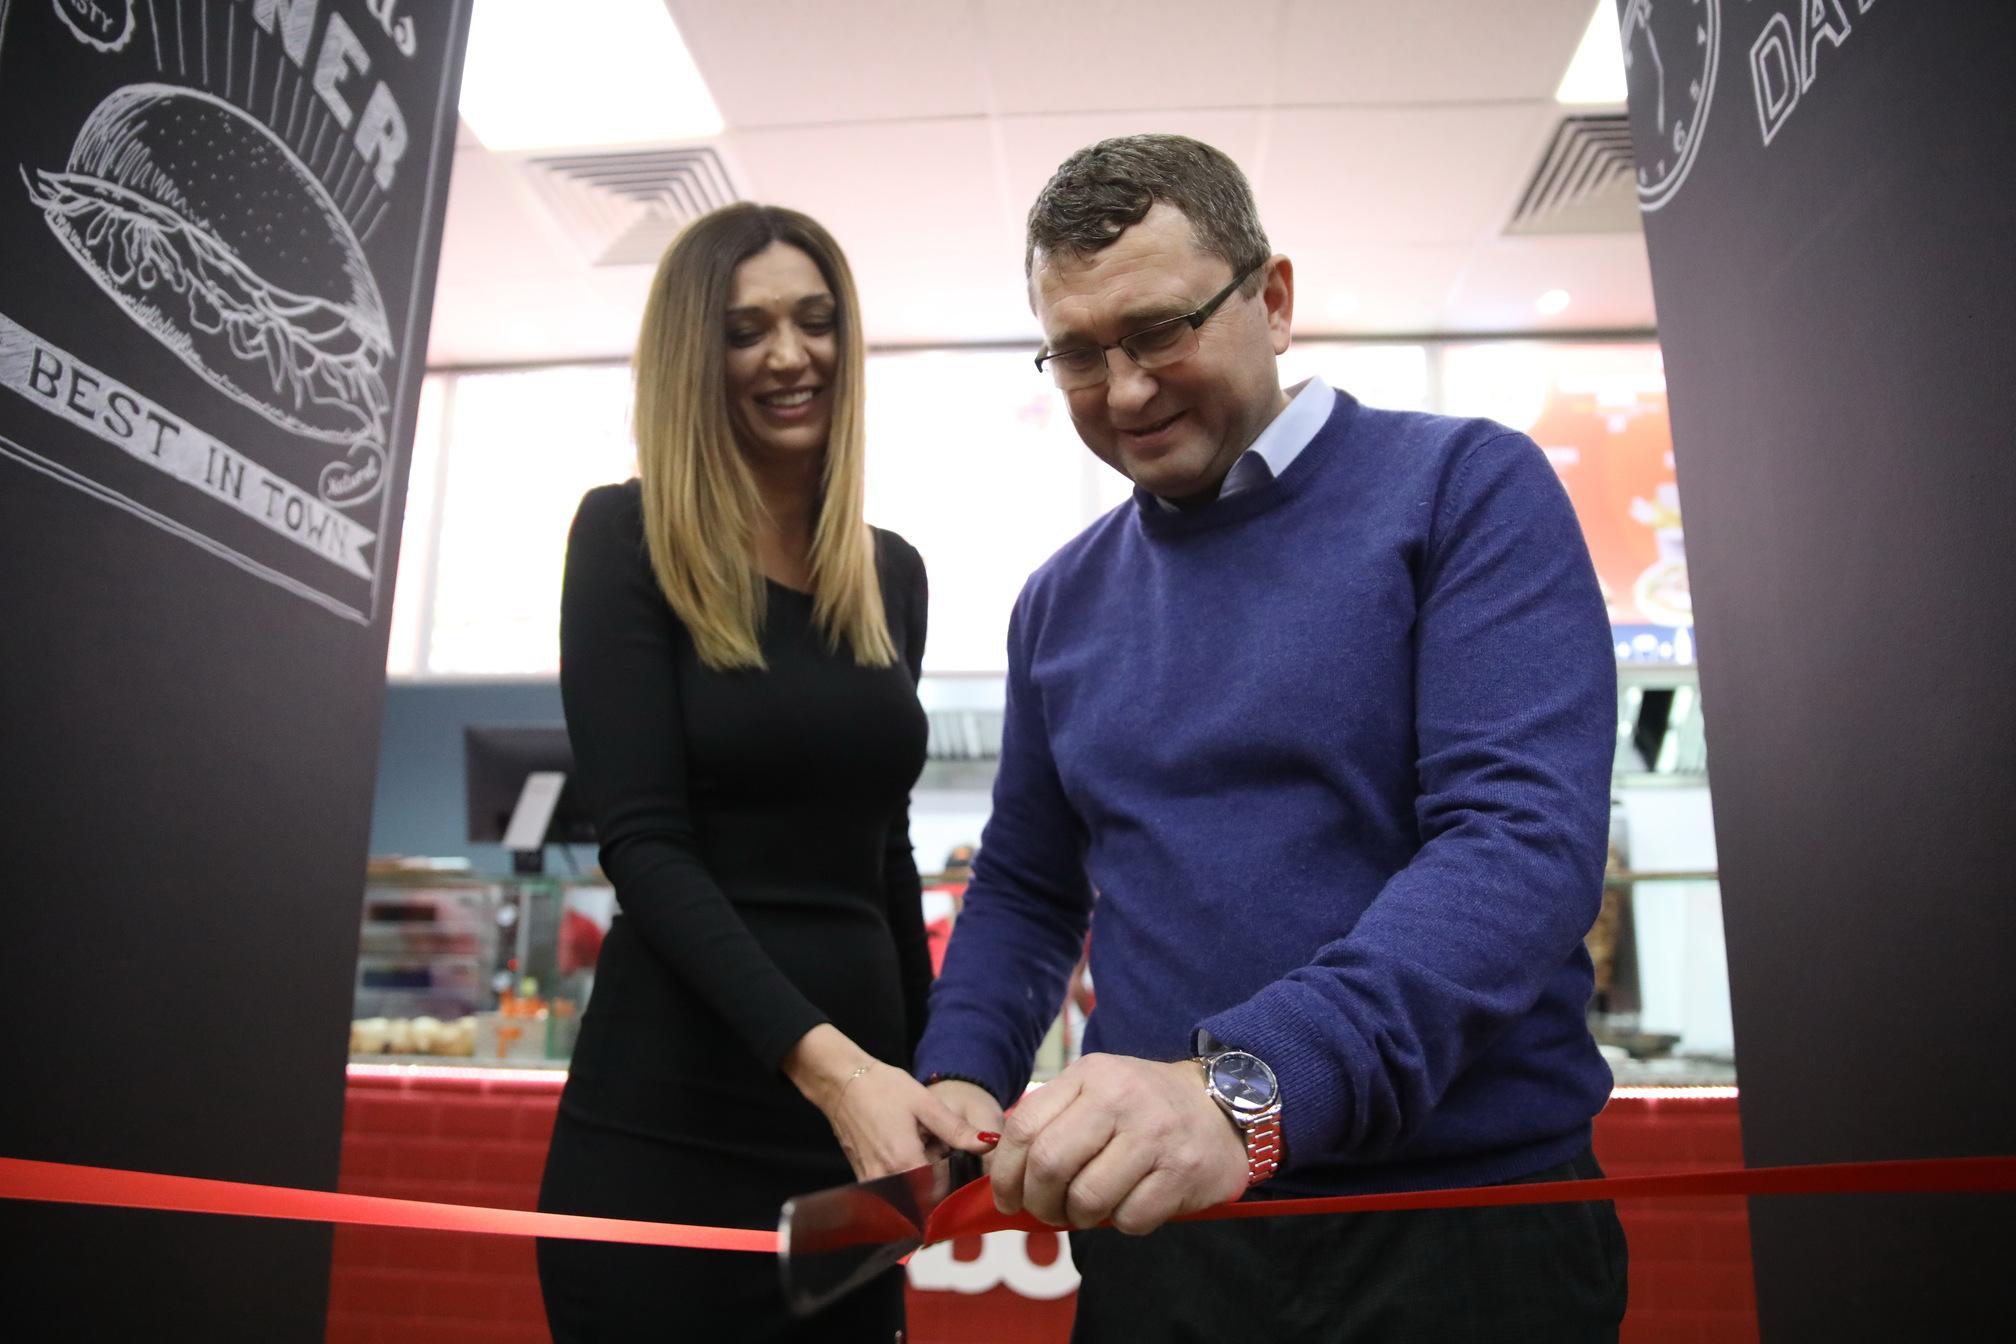 DAbo lansează DAbo Grill, un lanț nou de restaurante cu specific barbeque